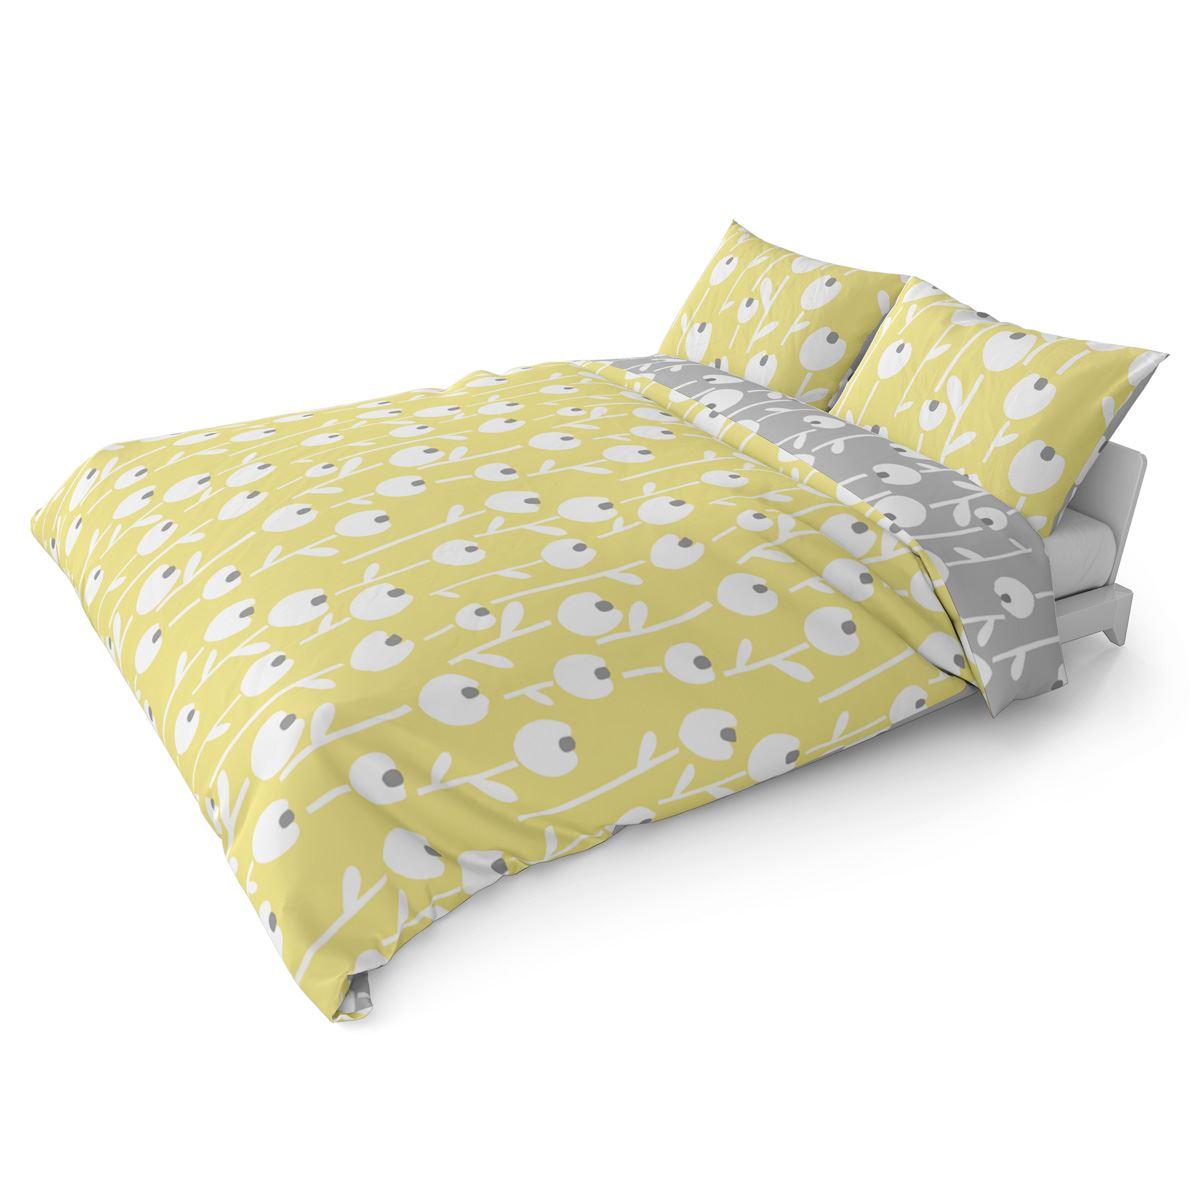 Mostaza-amarillo-ocre-Funda-de-edredon-impreso-Edredon-juego-ropa-de-cama-cubre-conjuntos miniatura 6